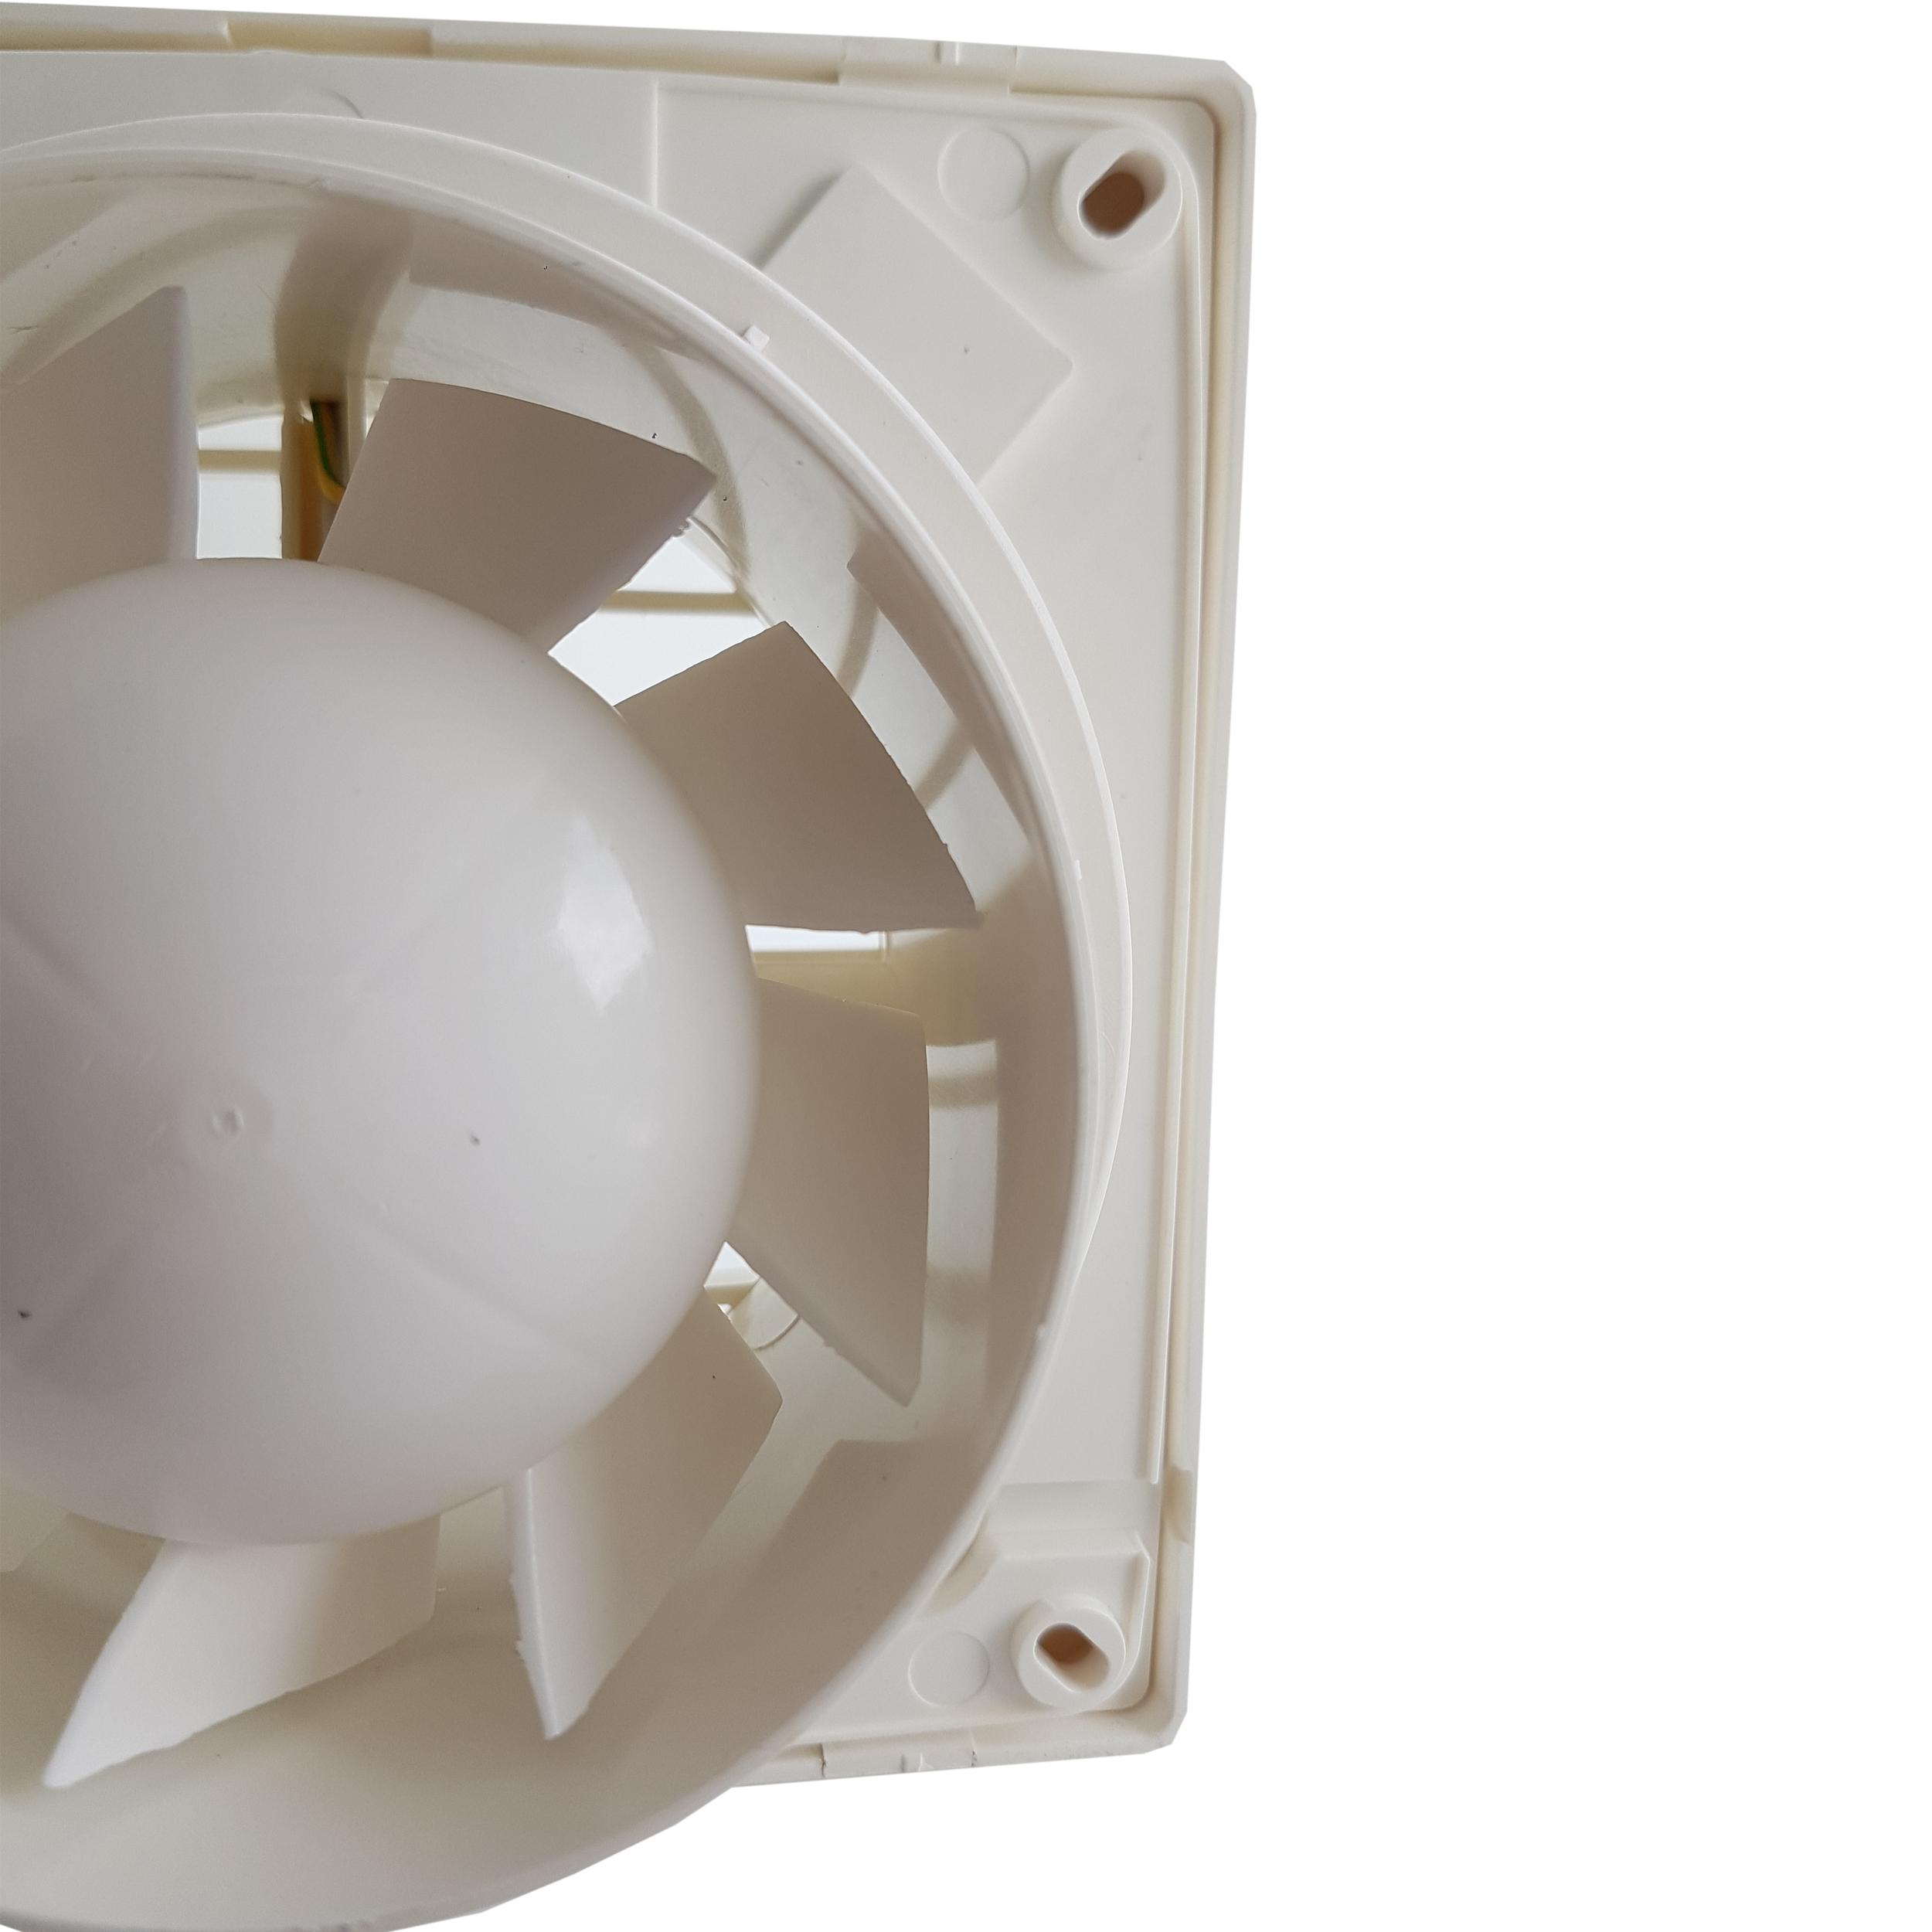 هواکش خانگی دمنده سری AXILINE مدل VBX-10S2S main 1 1